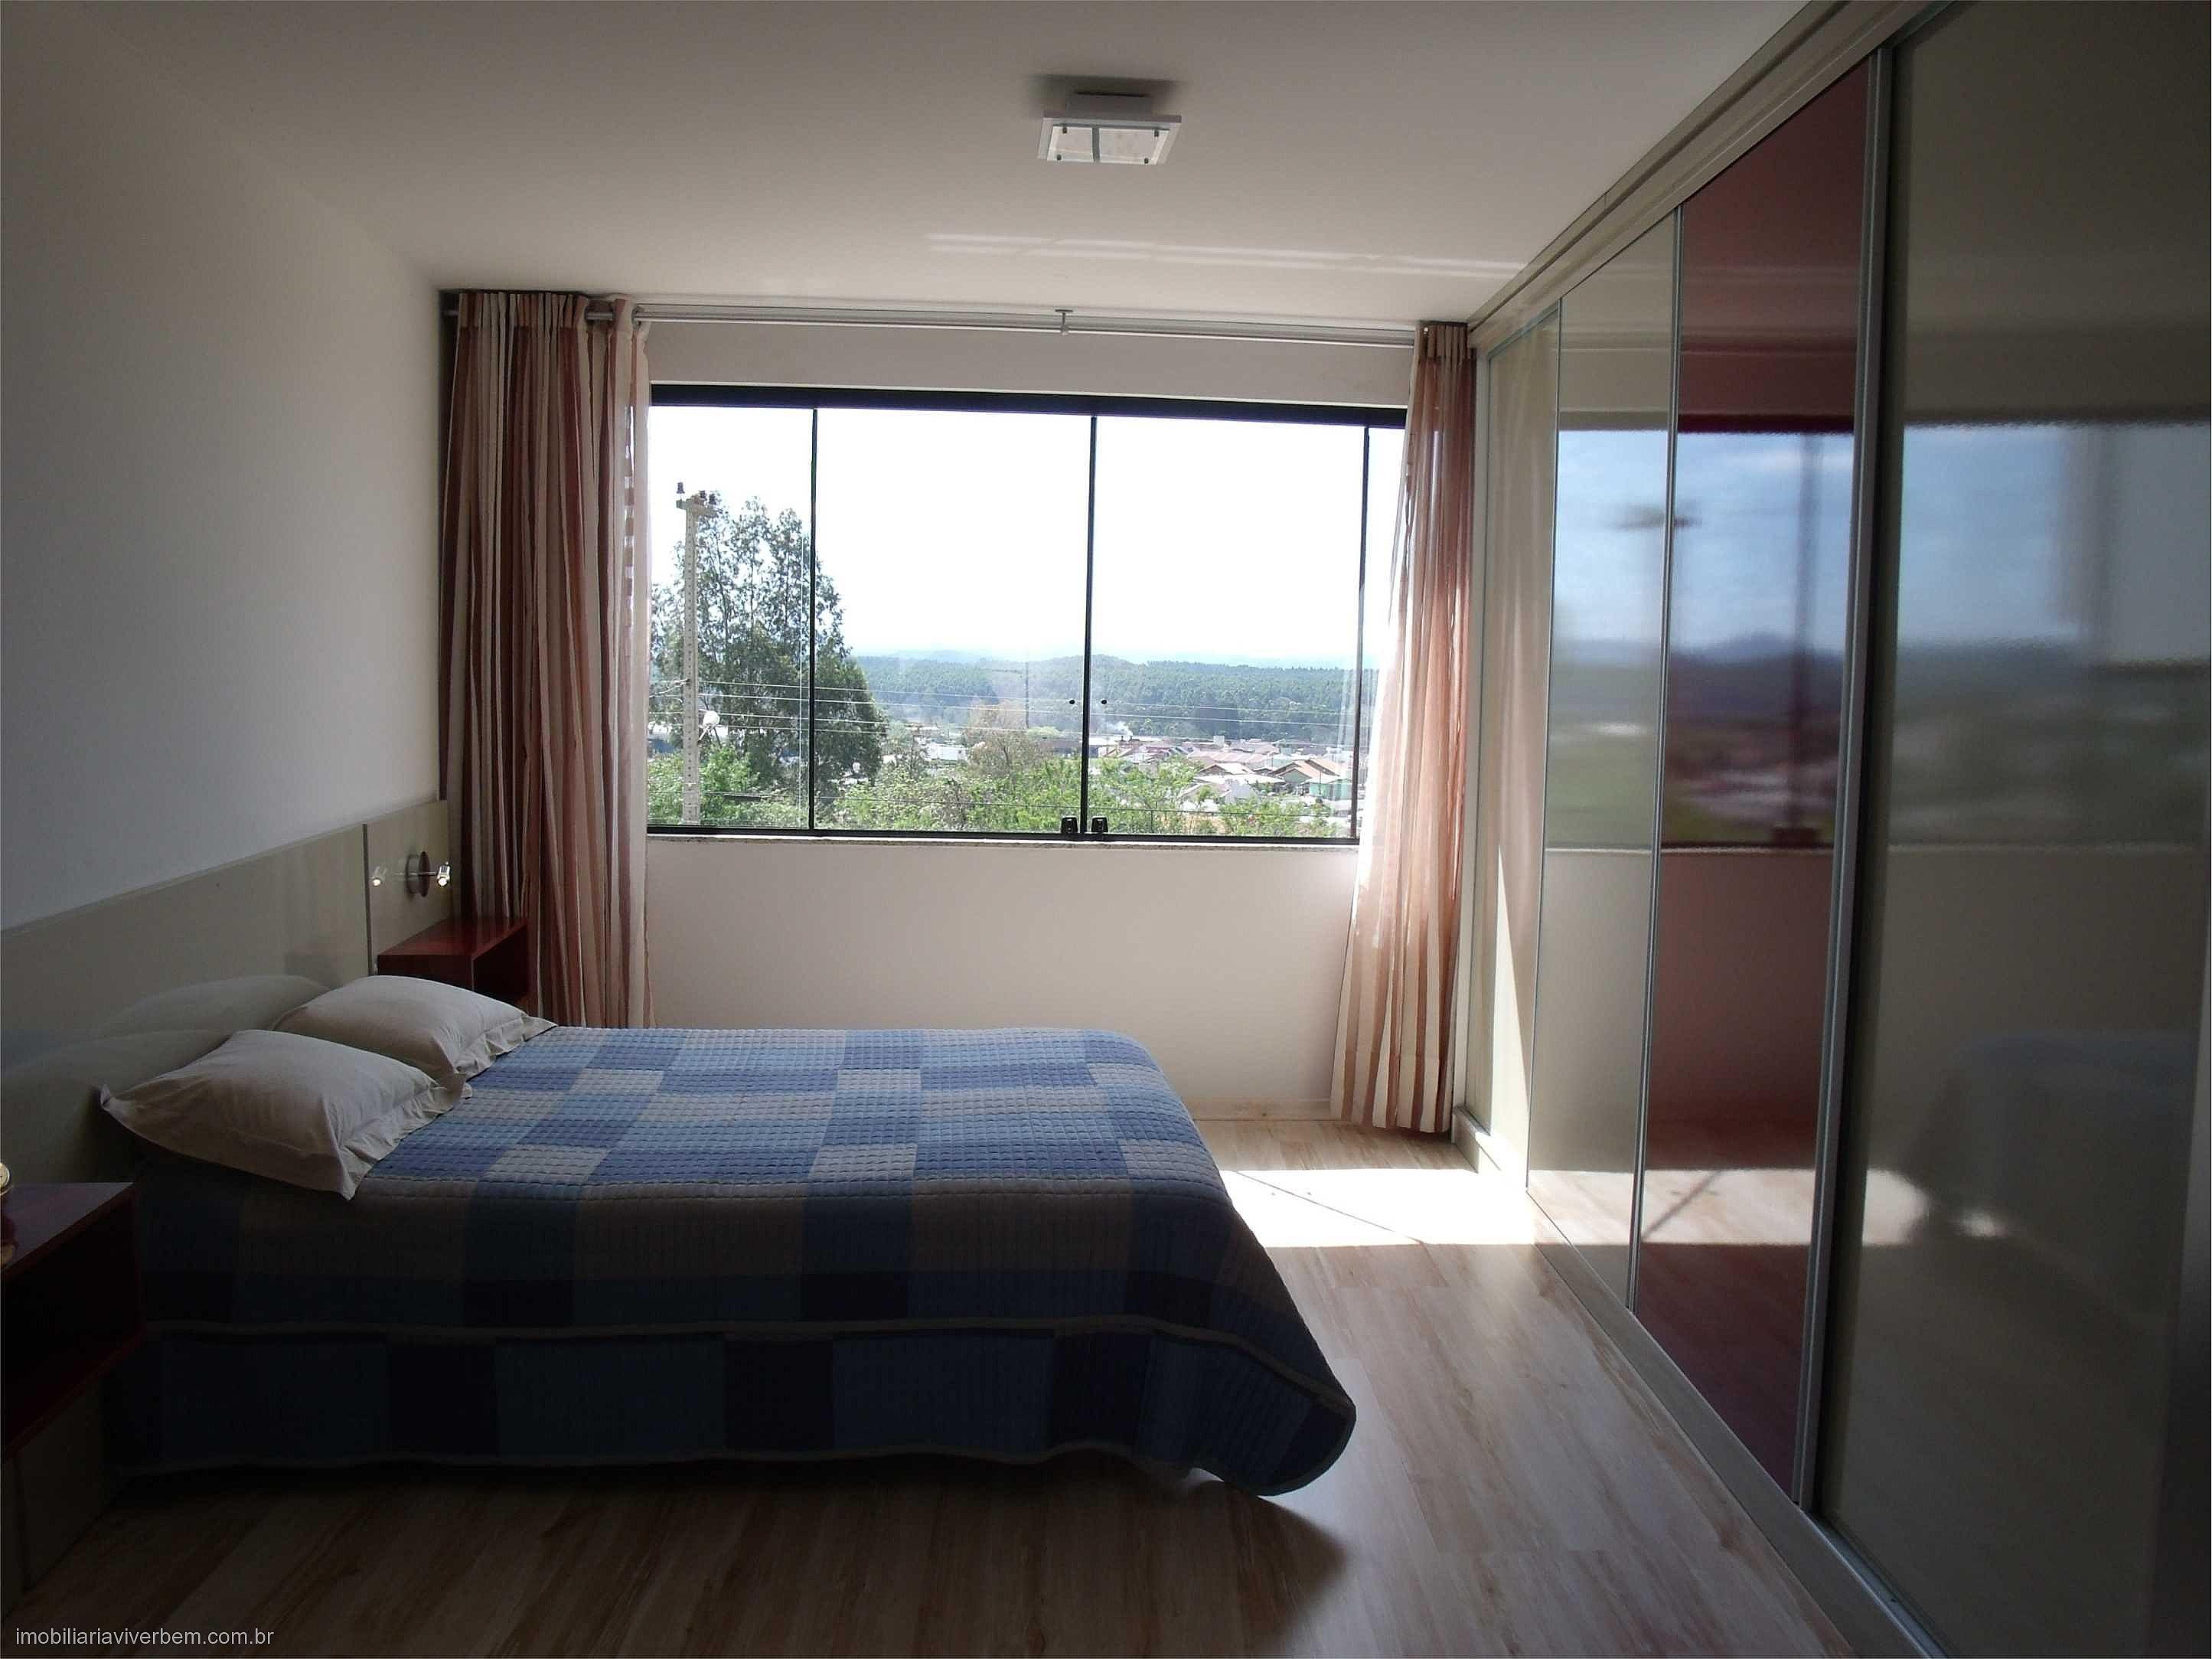 Casa 1 Dorm, Centro, Portão (124072) - Foto 8